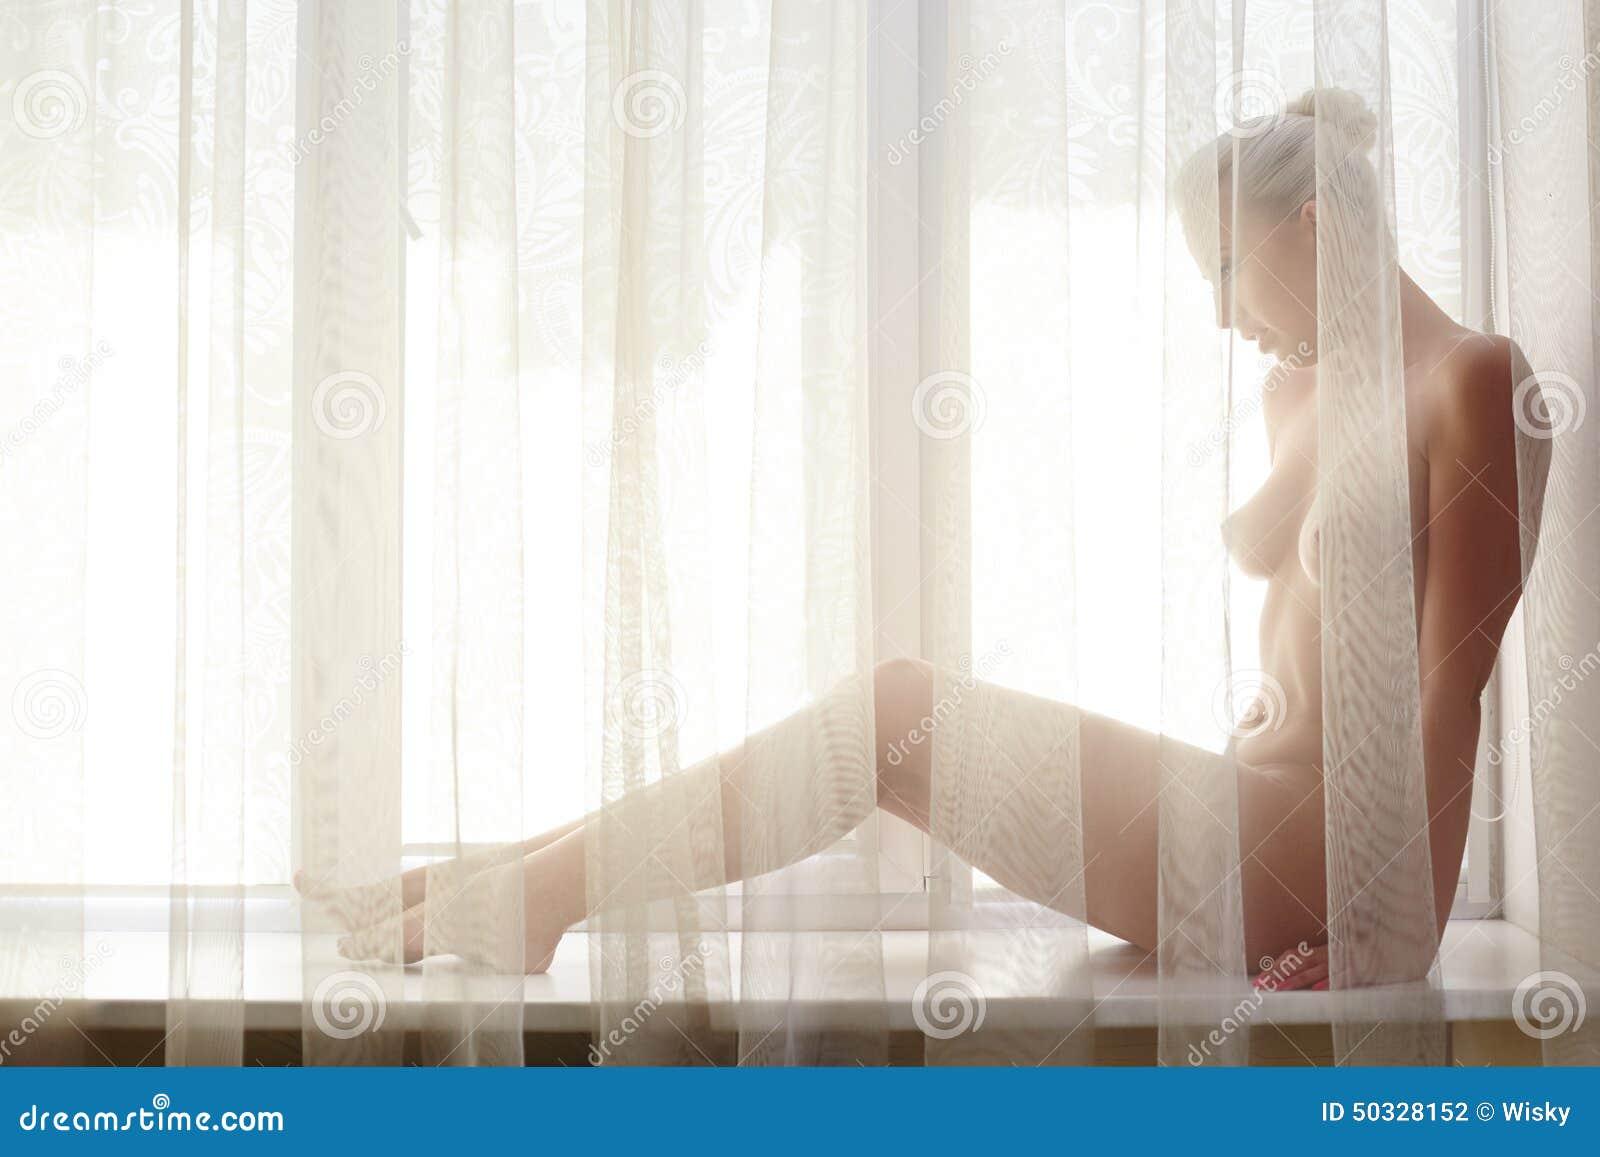 Resultado de imagen para mujer desnuda entre cortinas